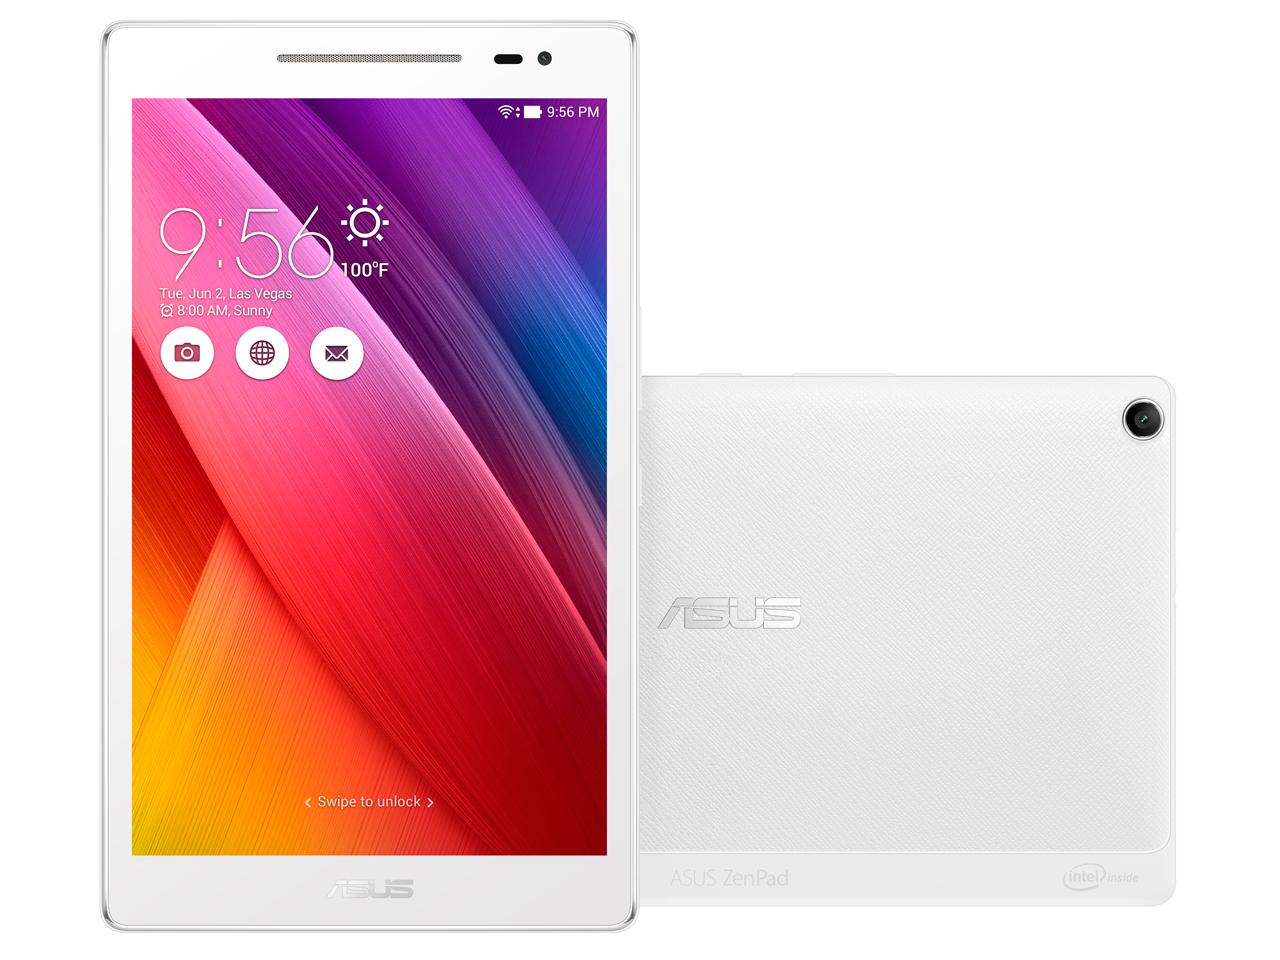 ASUS ZenPad 8.0 Z380C-WH16 [ホワイト] の製品画像